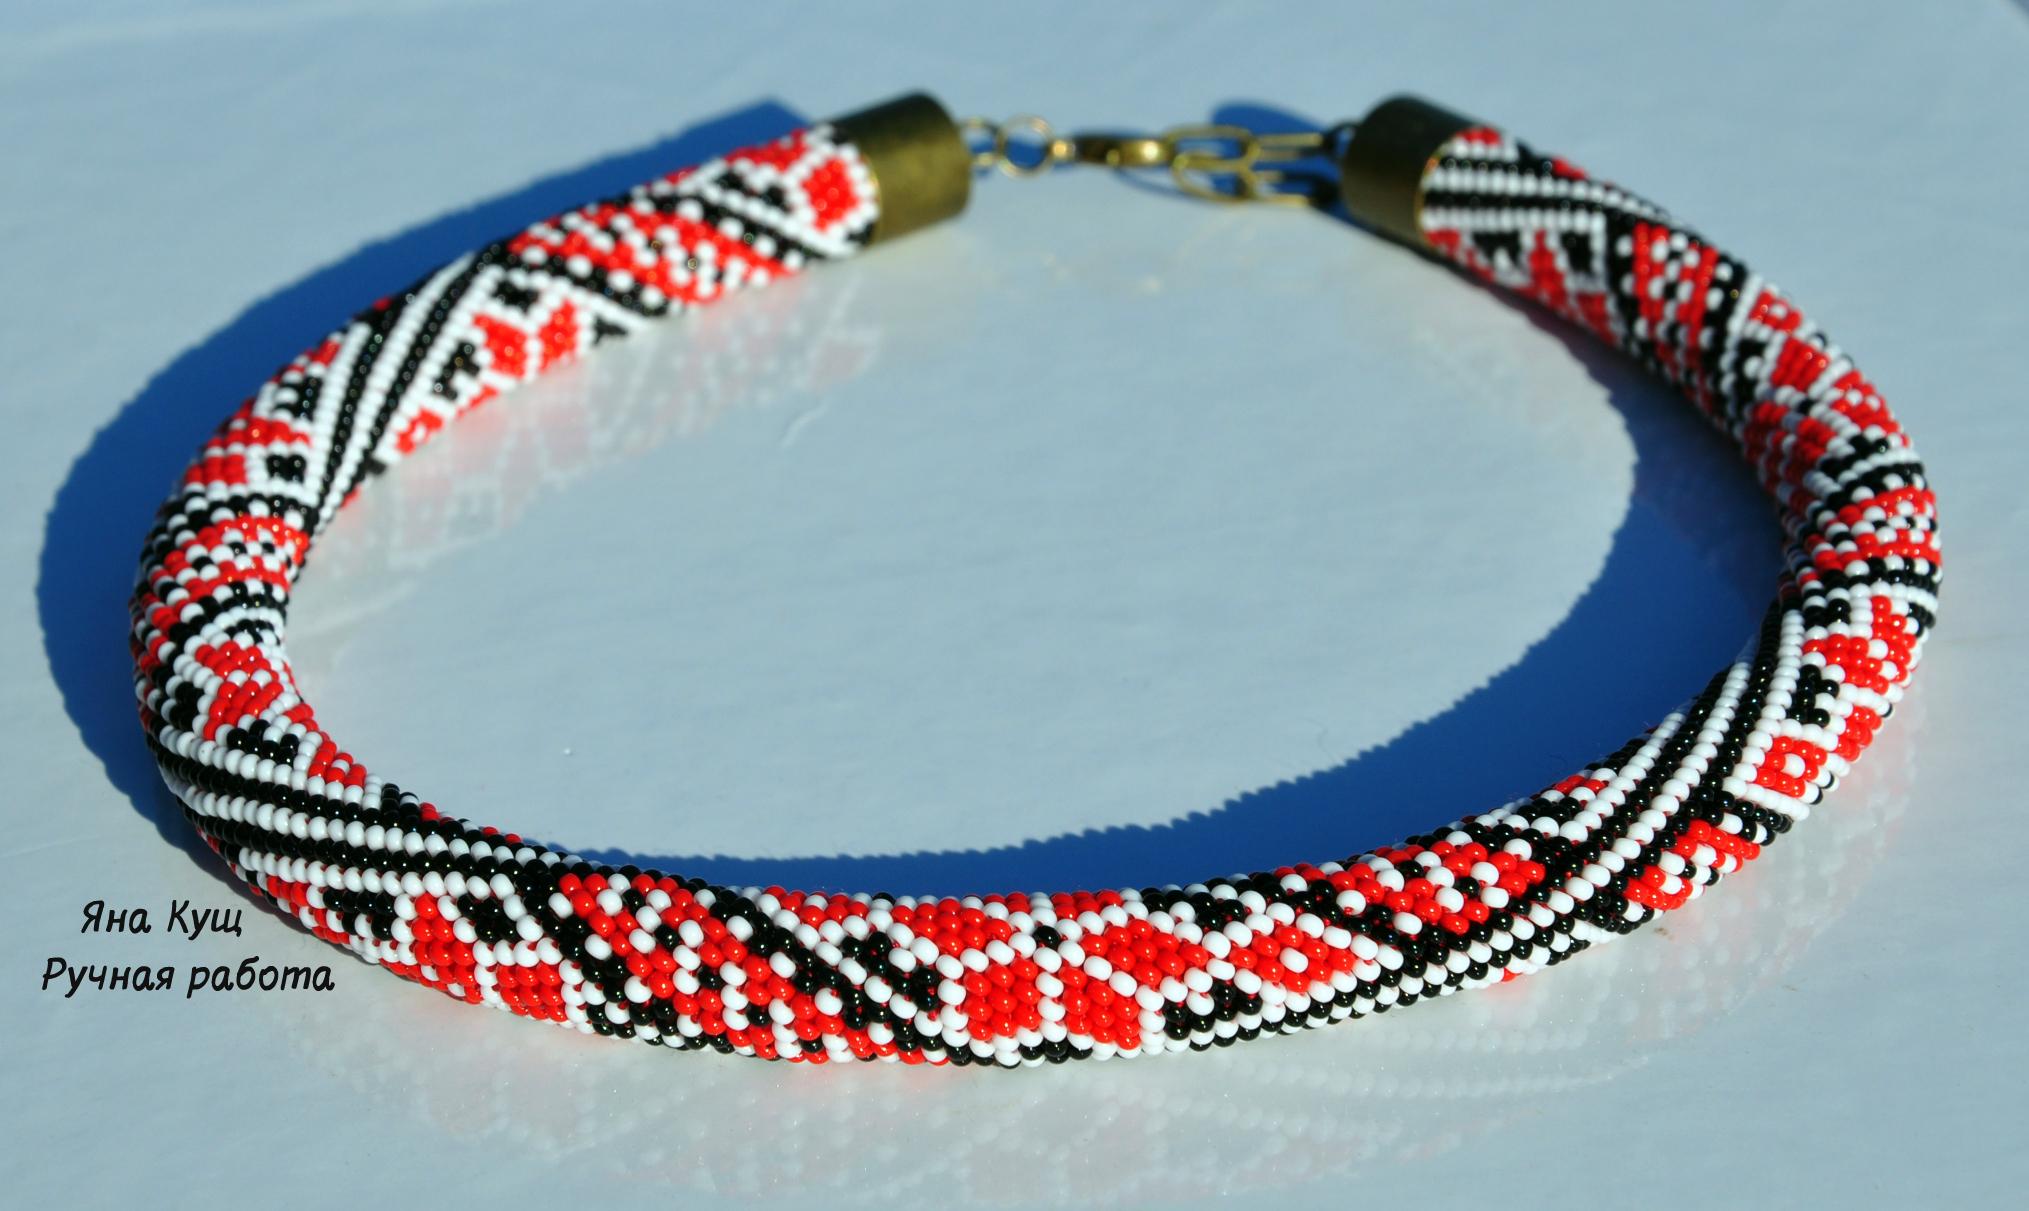 ткачество схема зимней рябины гердан